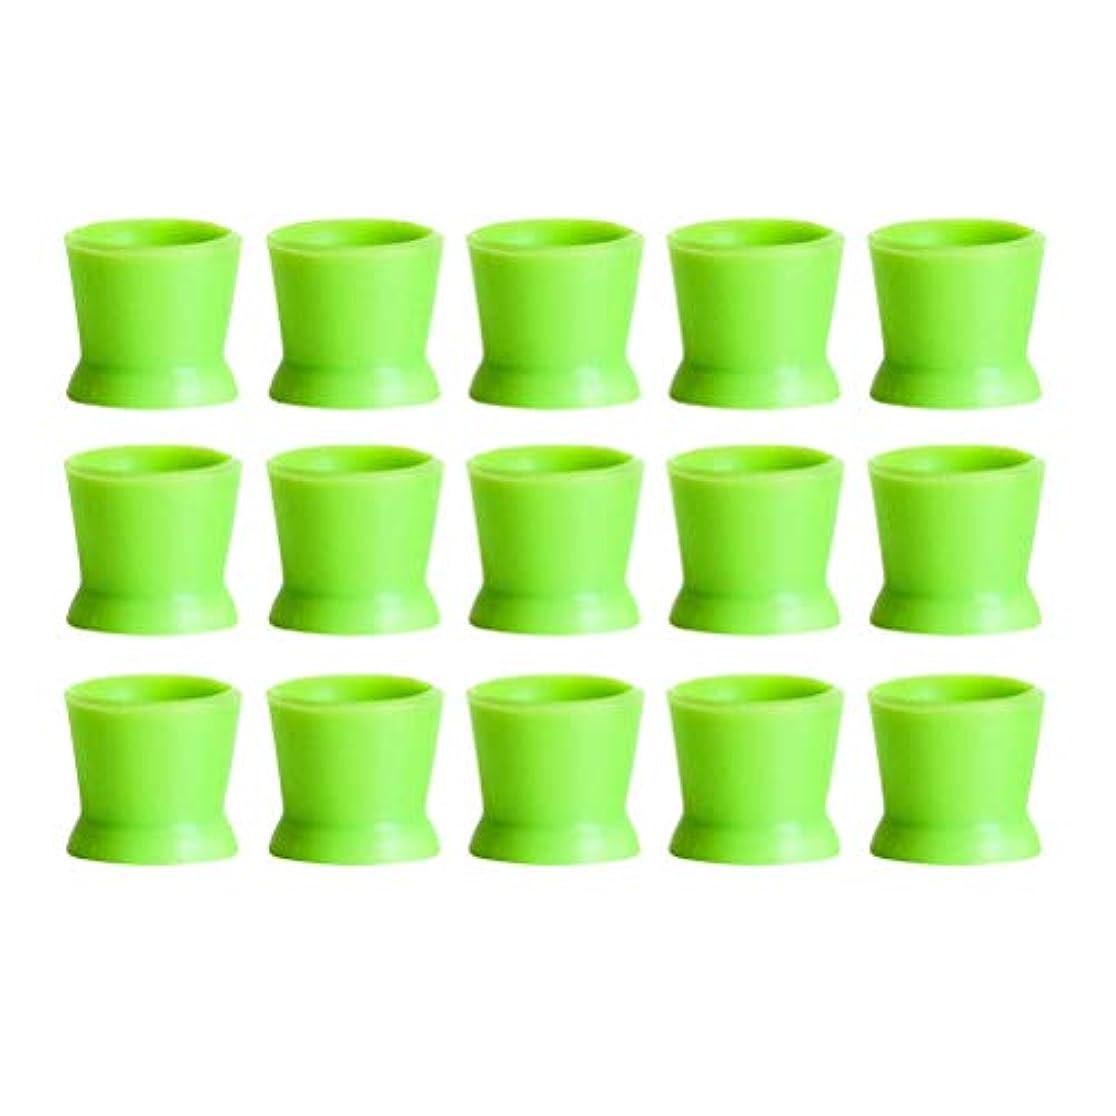 一瞬しわ恐ろしいHealifty 300PCSシリコンタトゥーインクカップ使い捨てマイクロブレーディングピグメントキャップホルダーコンテナ永久的なまつげメイクアップアイブロー(グリーン)